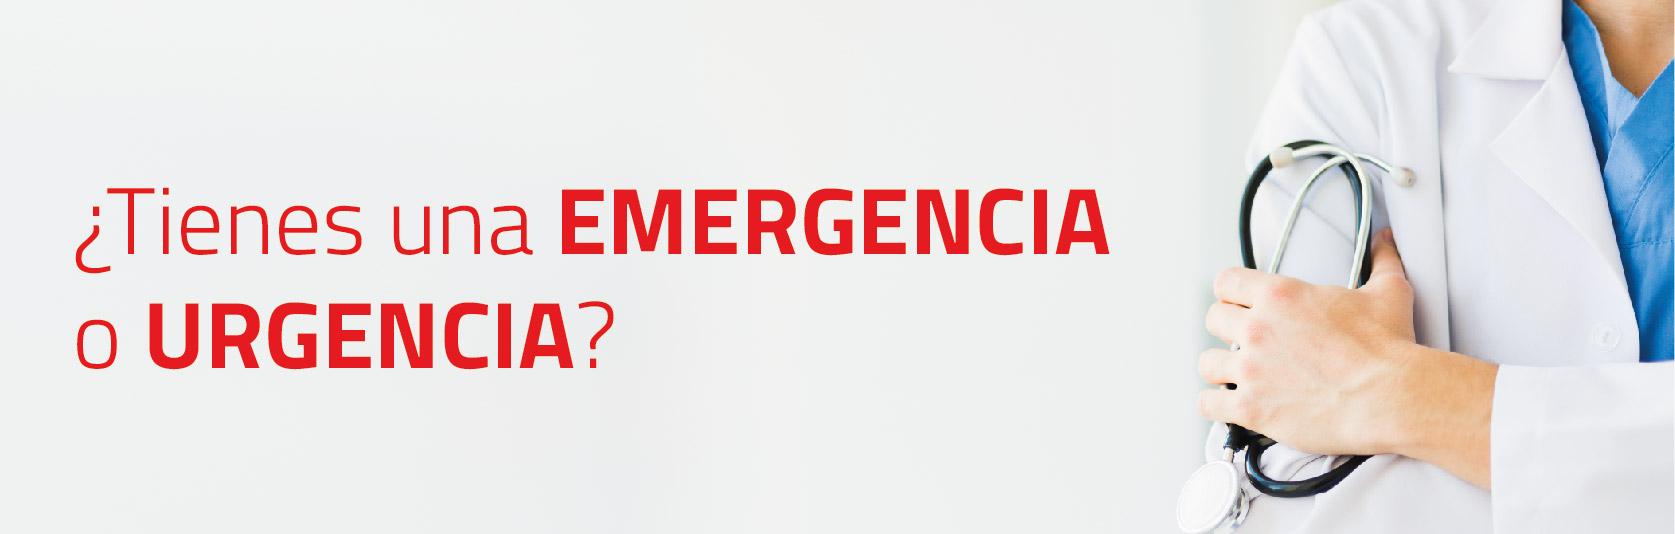 ¿Tienes una EMERGENCIA o URGENCIA?